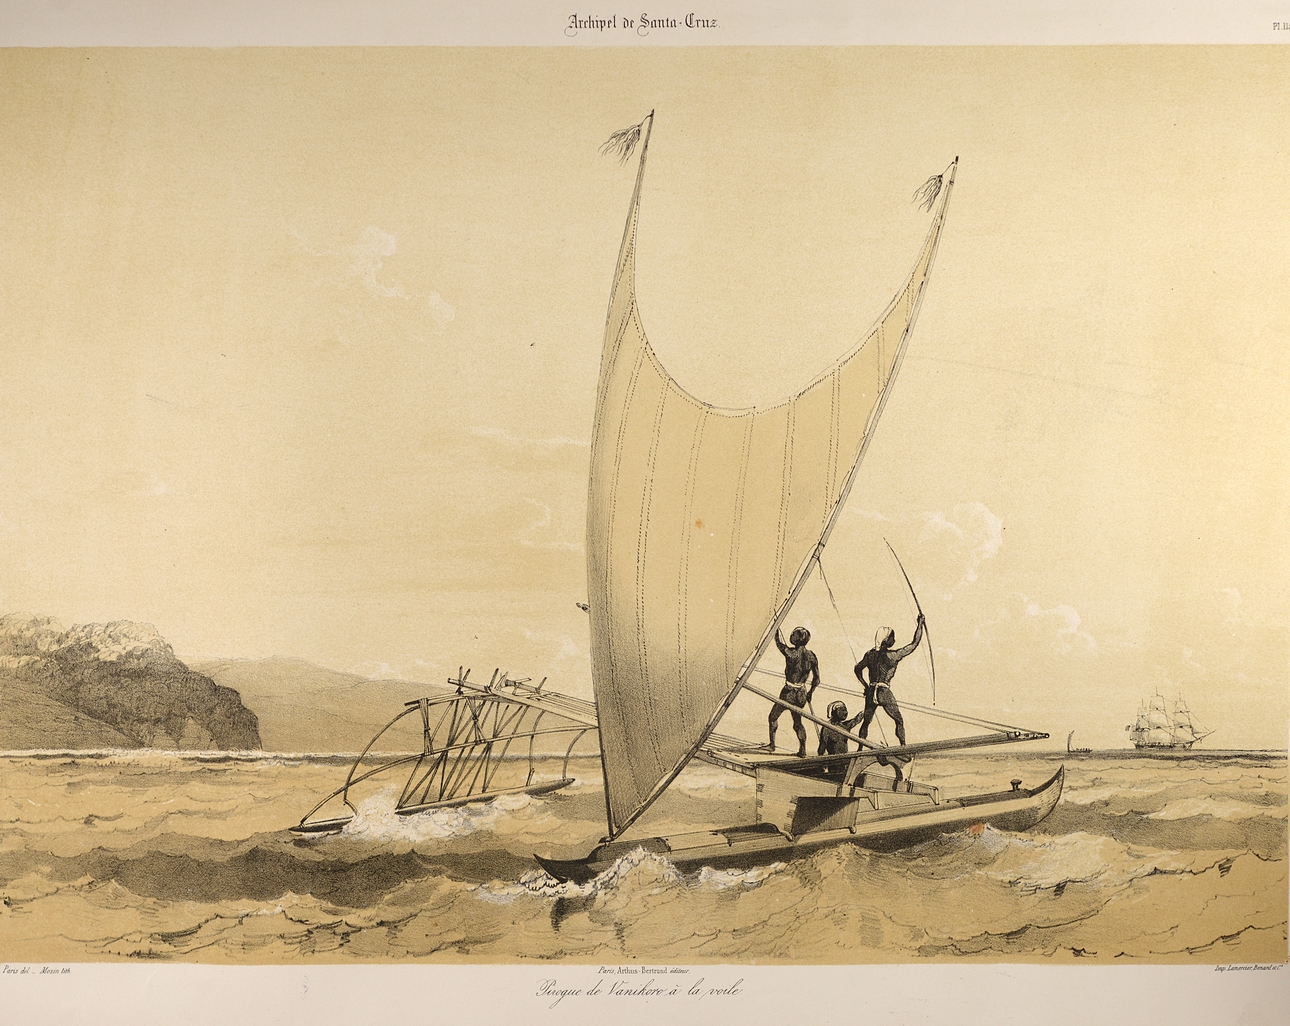 Les premières pirogues utilisées par nos ancêtres ressemblaient sans doute à ce modèle des îles Salomon au 18e siècle